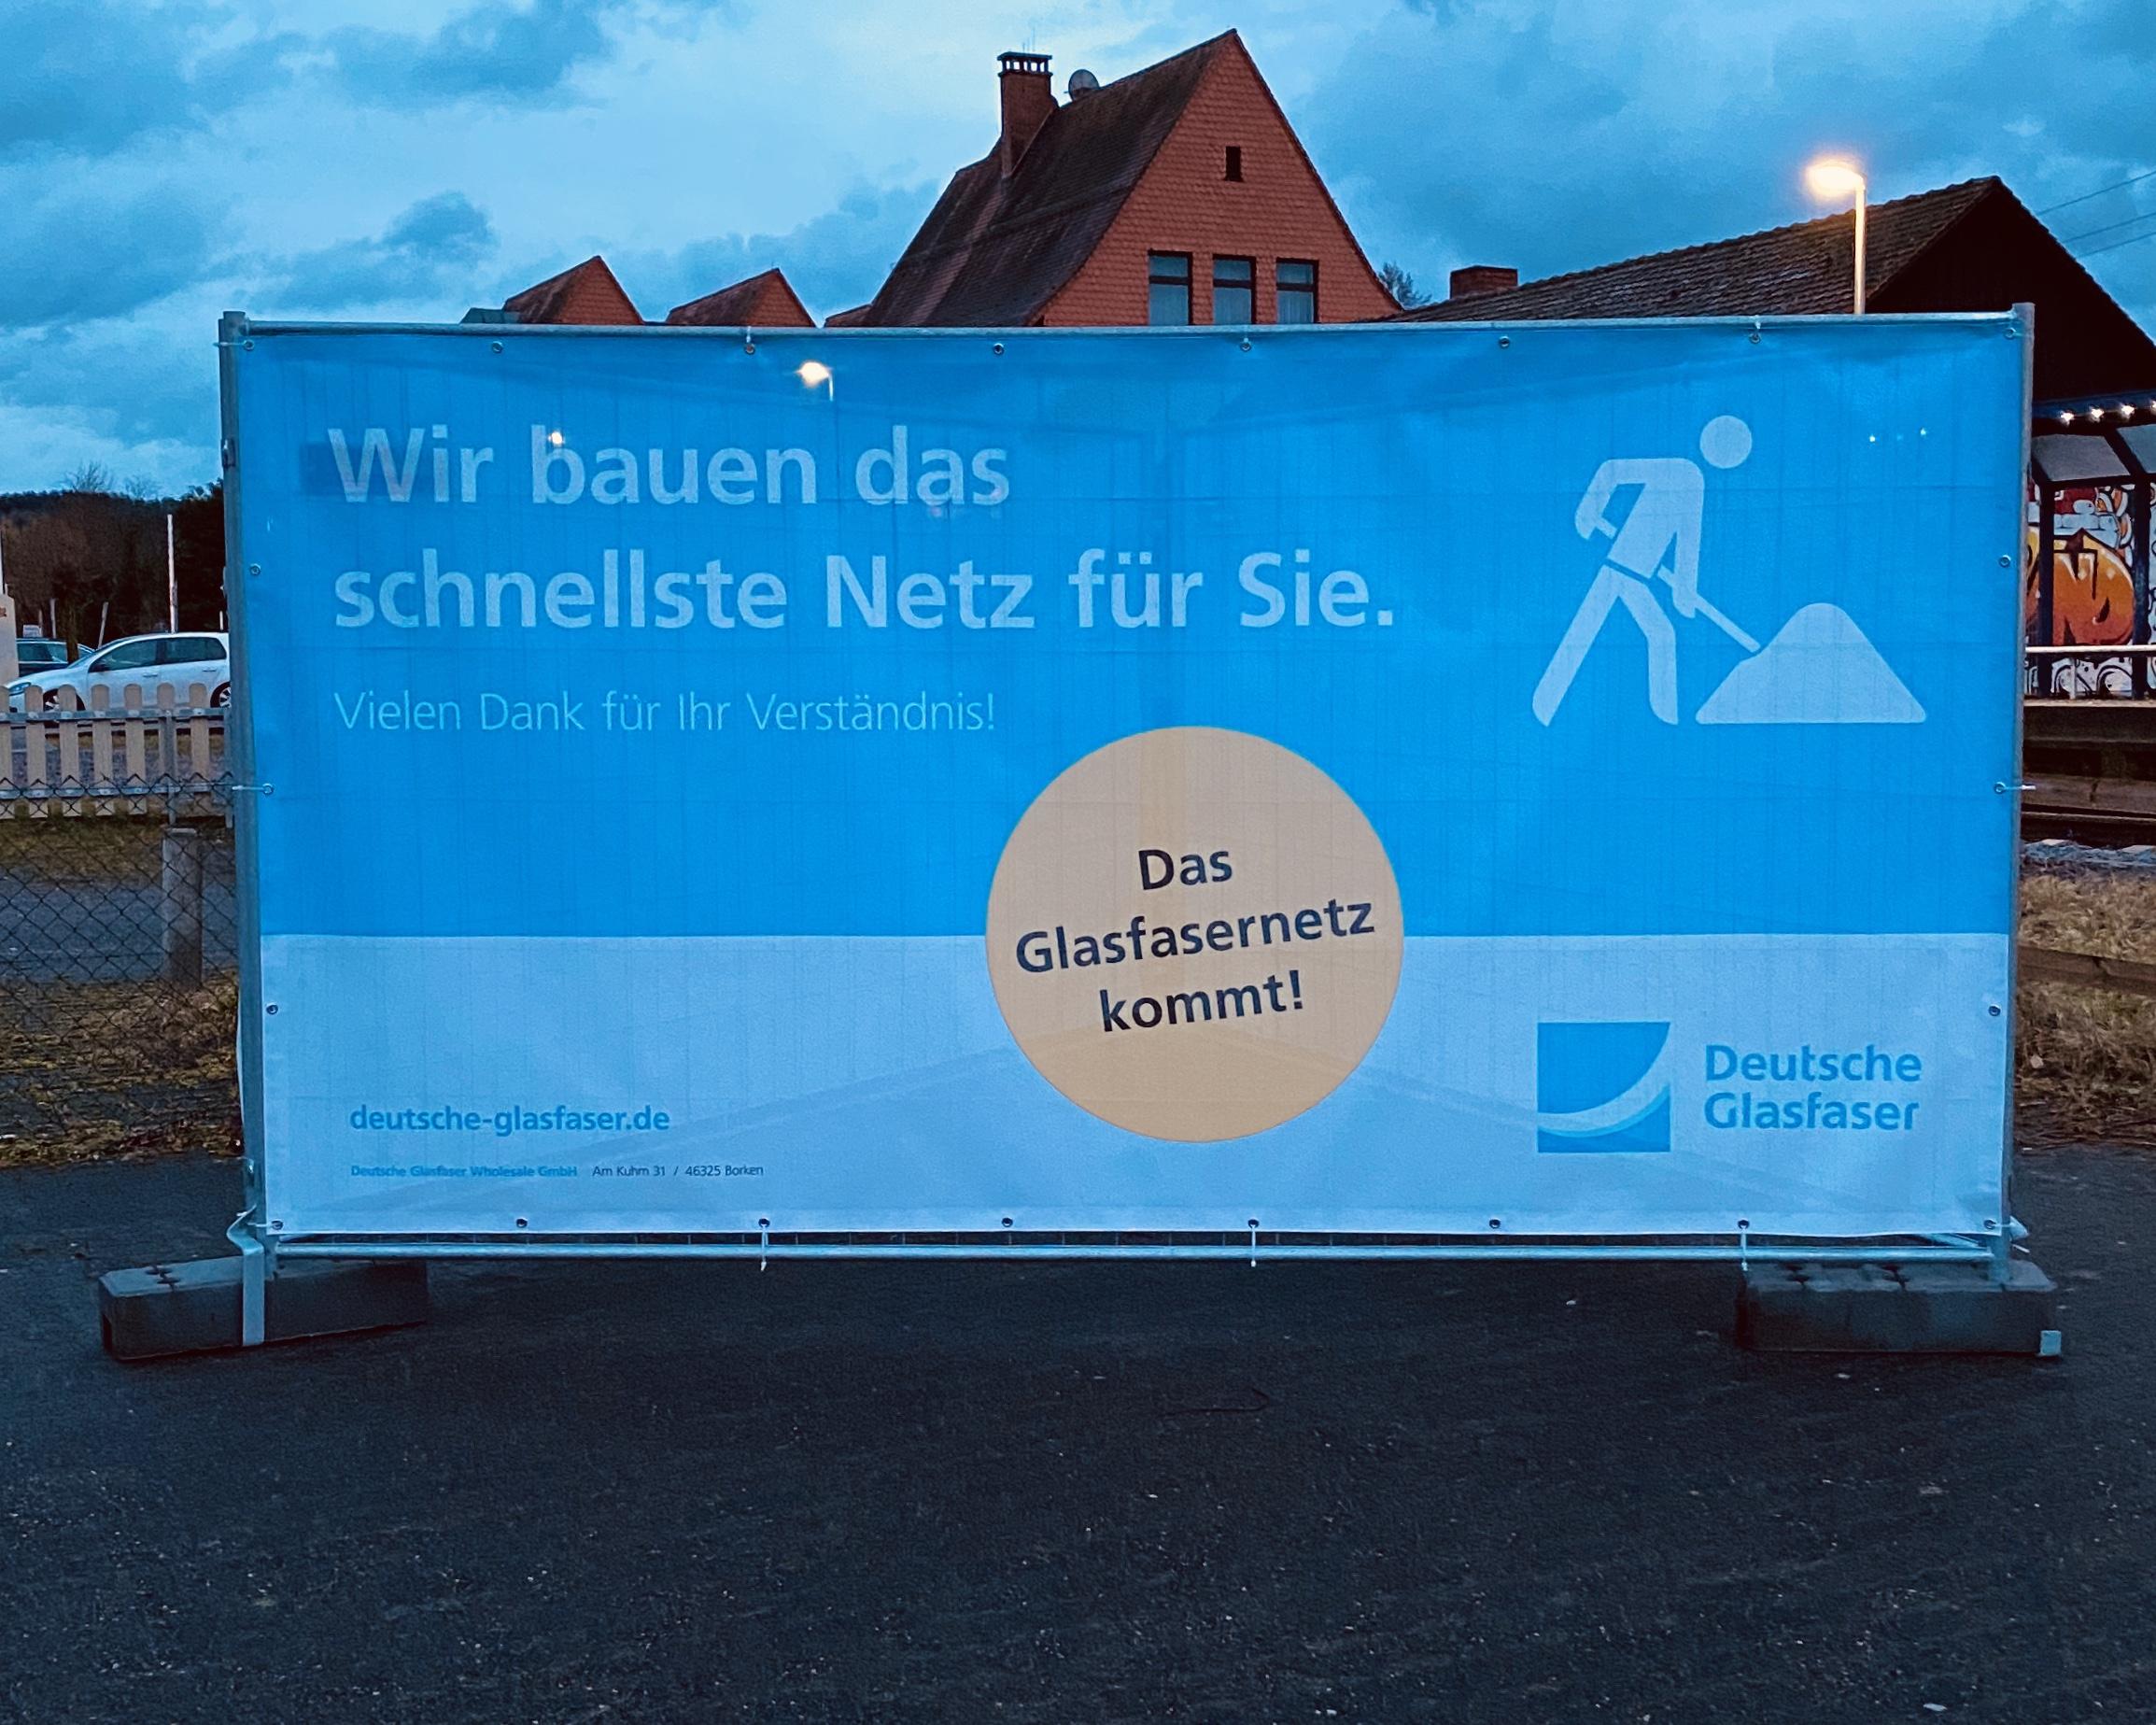 Deutsche Glasfaser Schließt Vorerst Baubüro In Mömbris